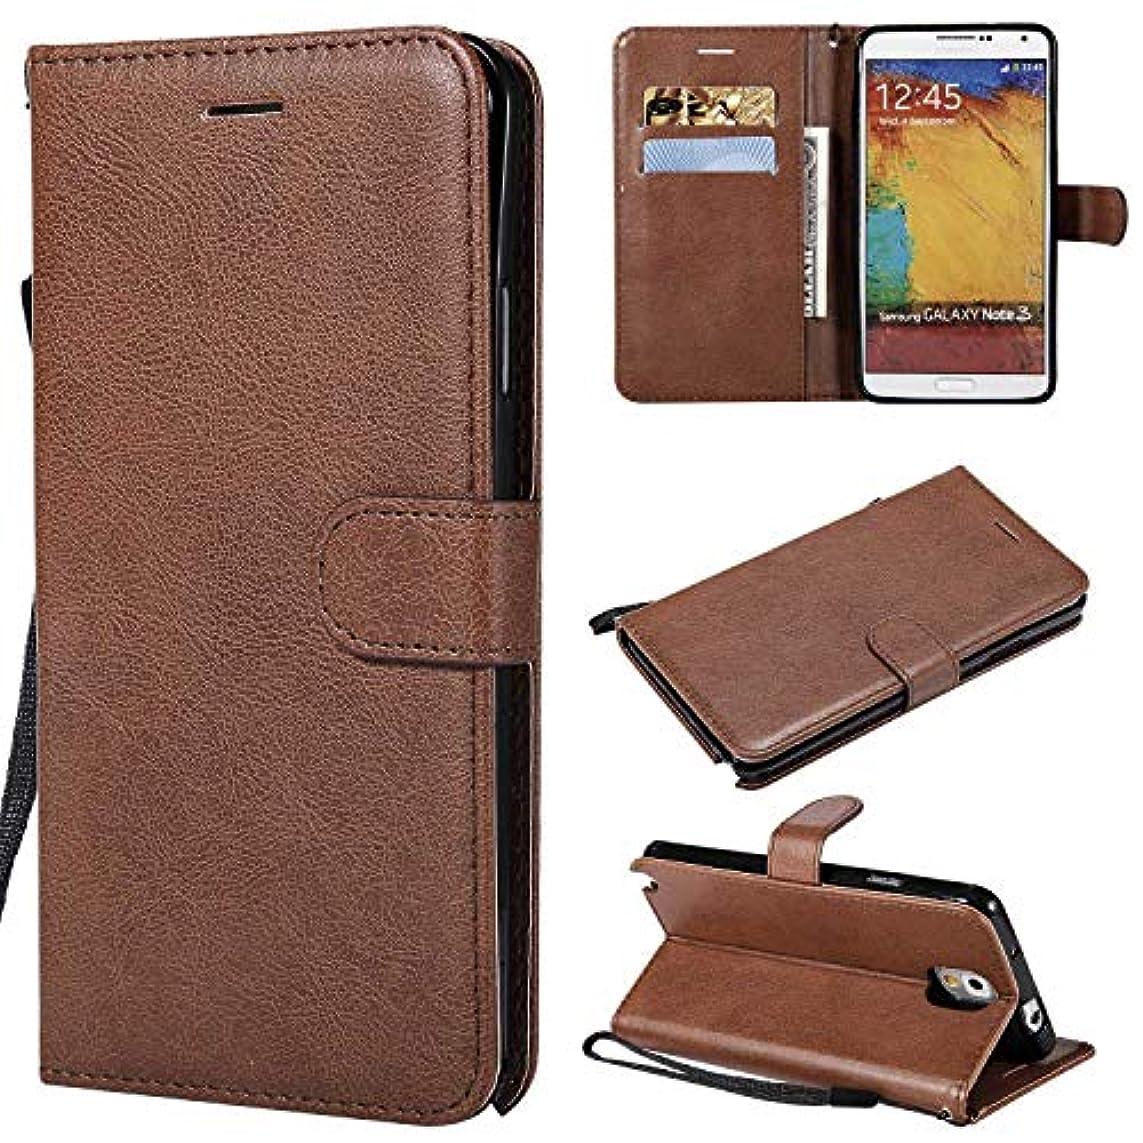 潜む来てもちろんGalaxy Note 3 ケース手帳型 OMATENTI レザー 革 薄型 手帳型カバー カード入れ スタンド機能 サムスン Galaxy Note 3 おしゃれ 手帳ケース (1-ブラウン)